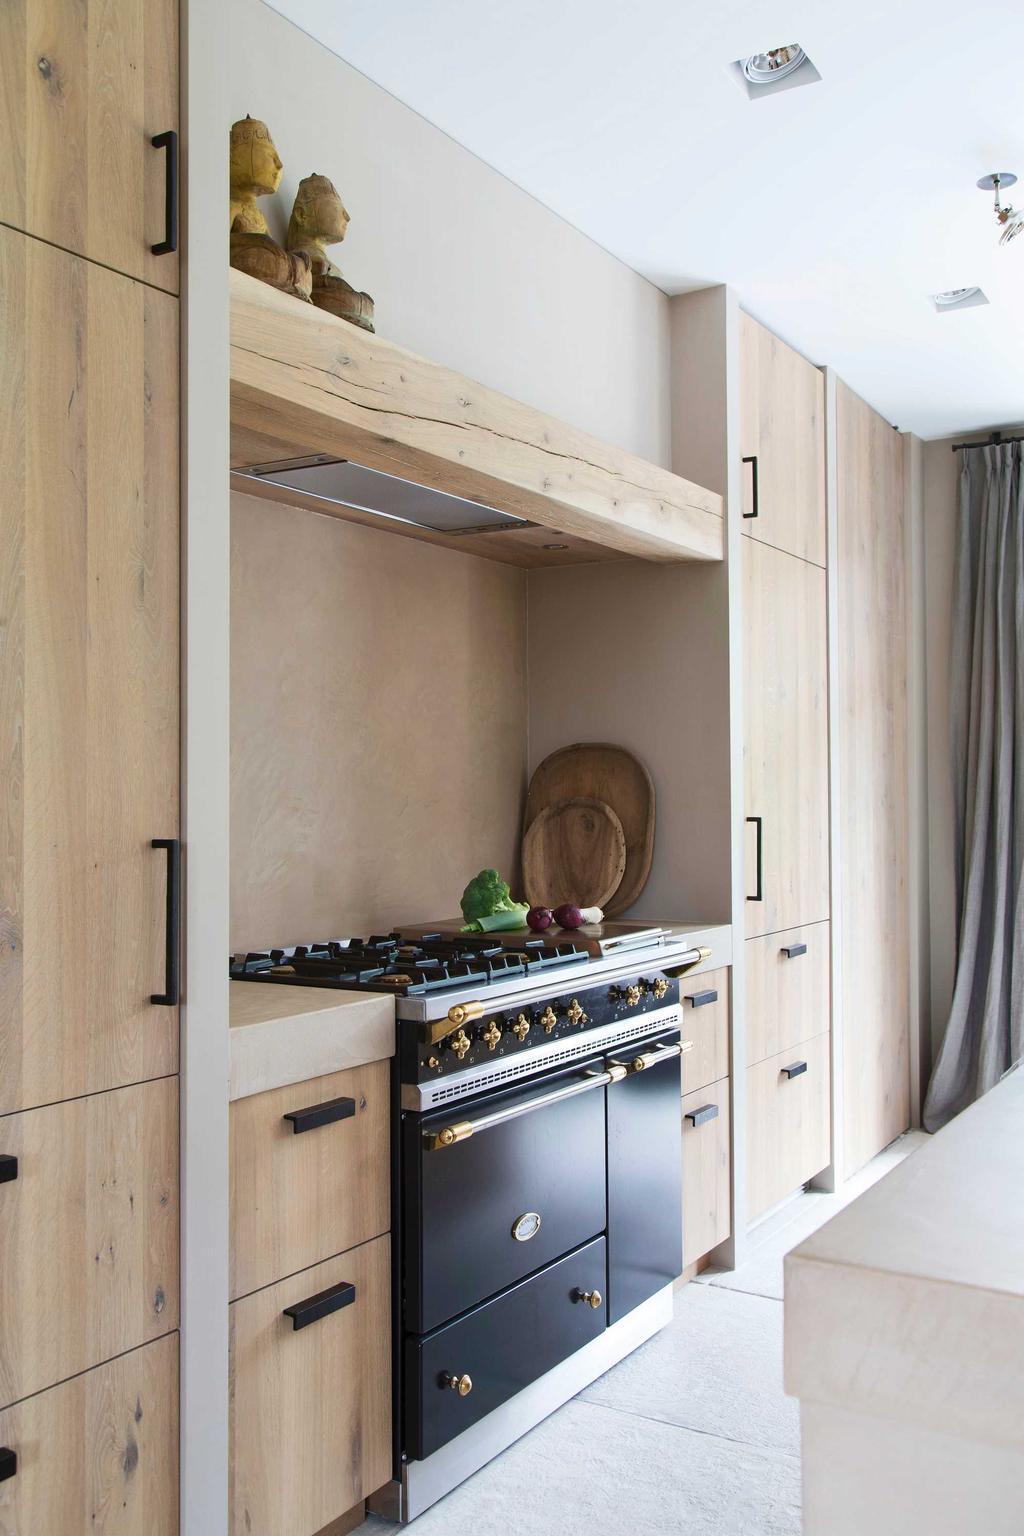 Landelijk & glamour keuken fornuis